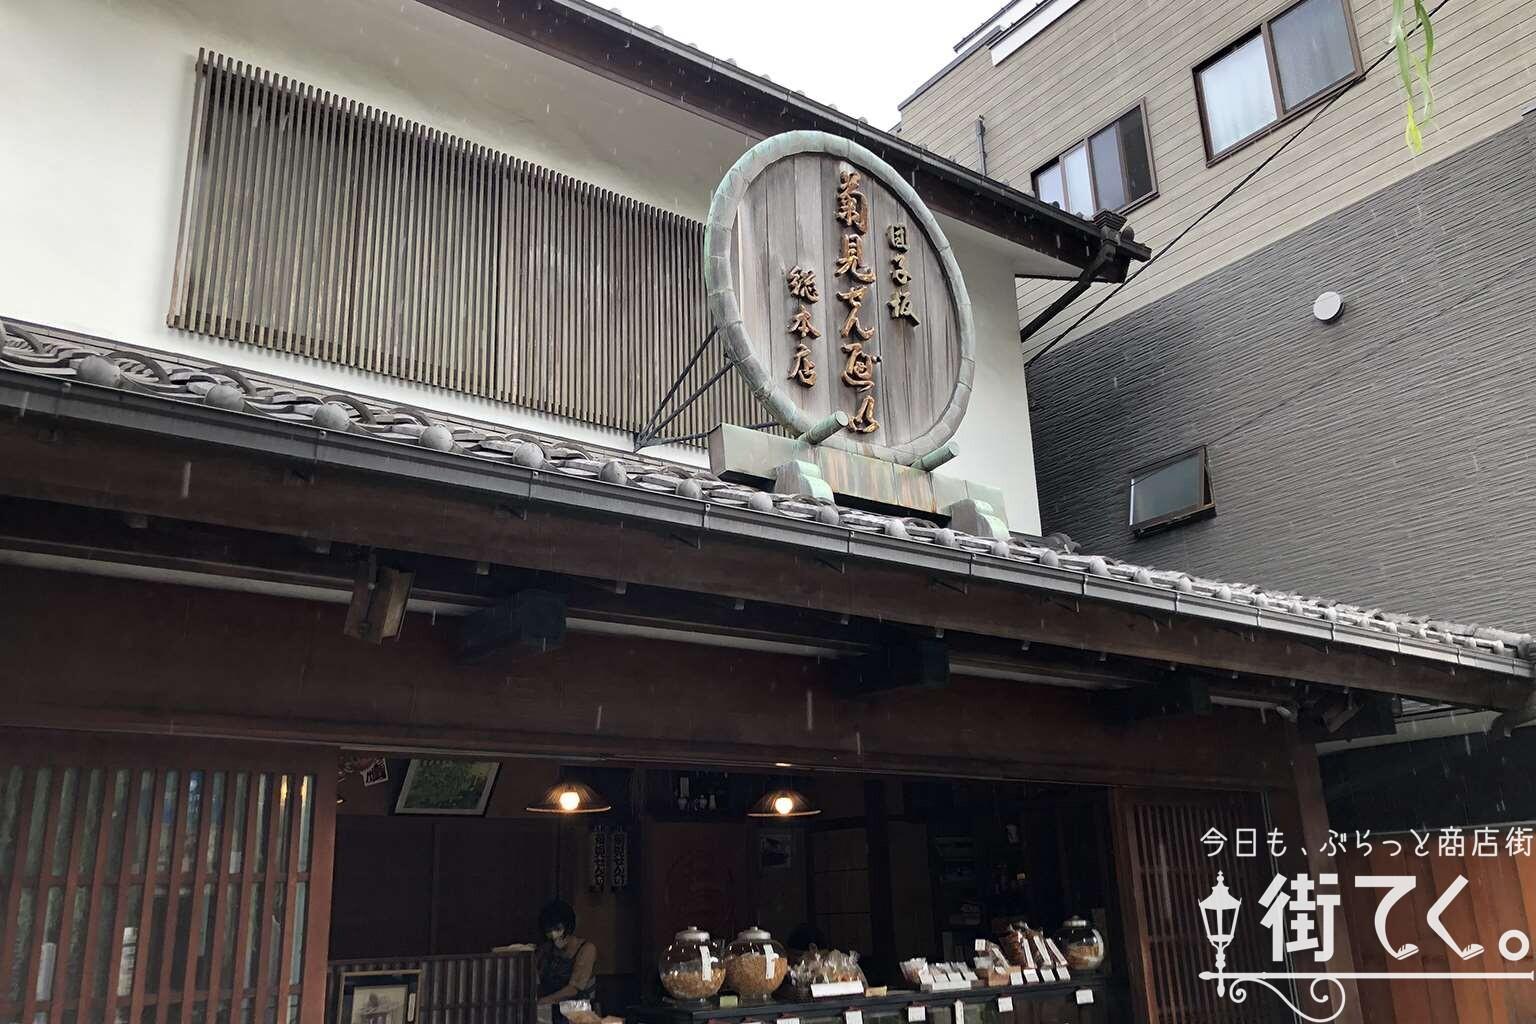 団子坂菊見せんべい総本店